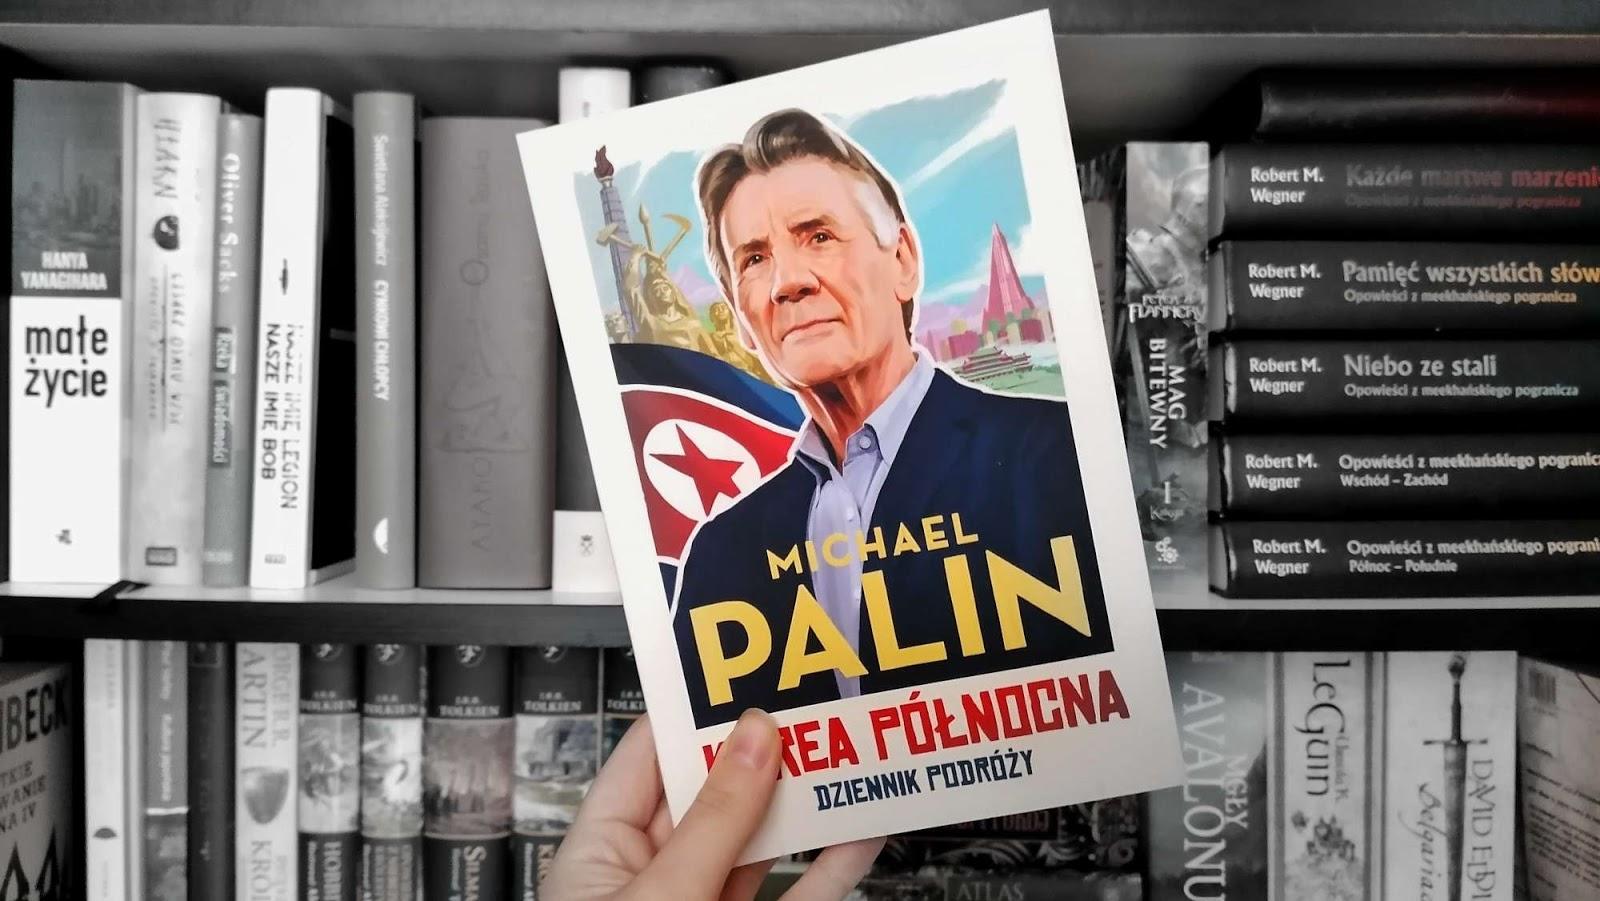 Z dziennika podróży do Korei Północnej, czyli o książce Michaela Palina